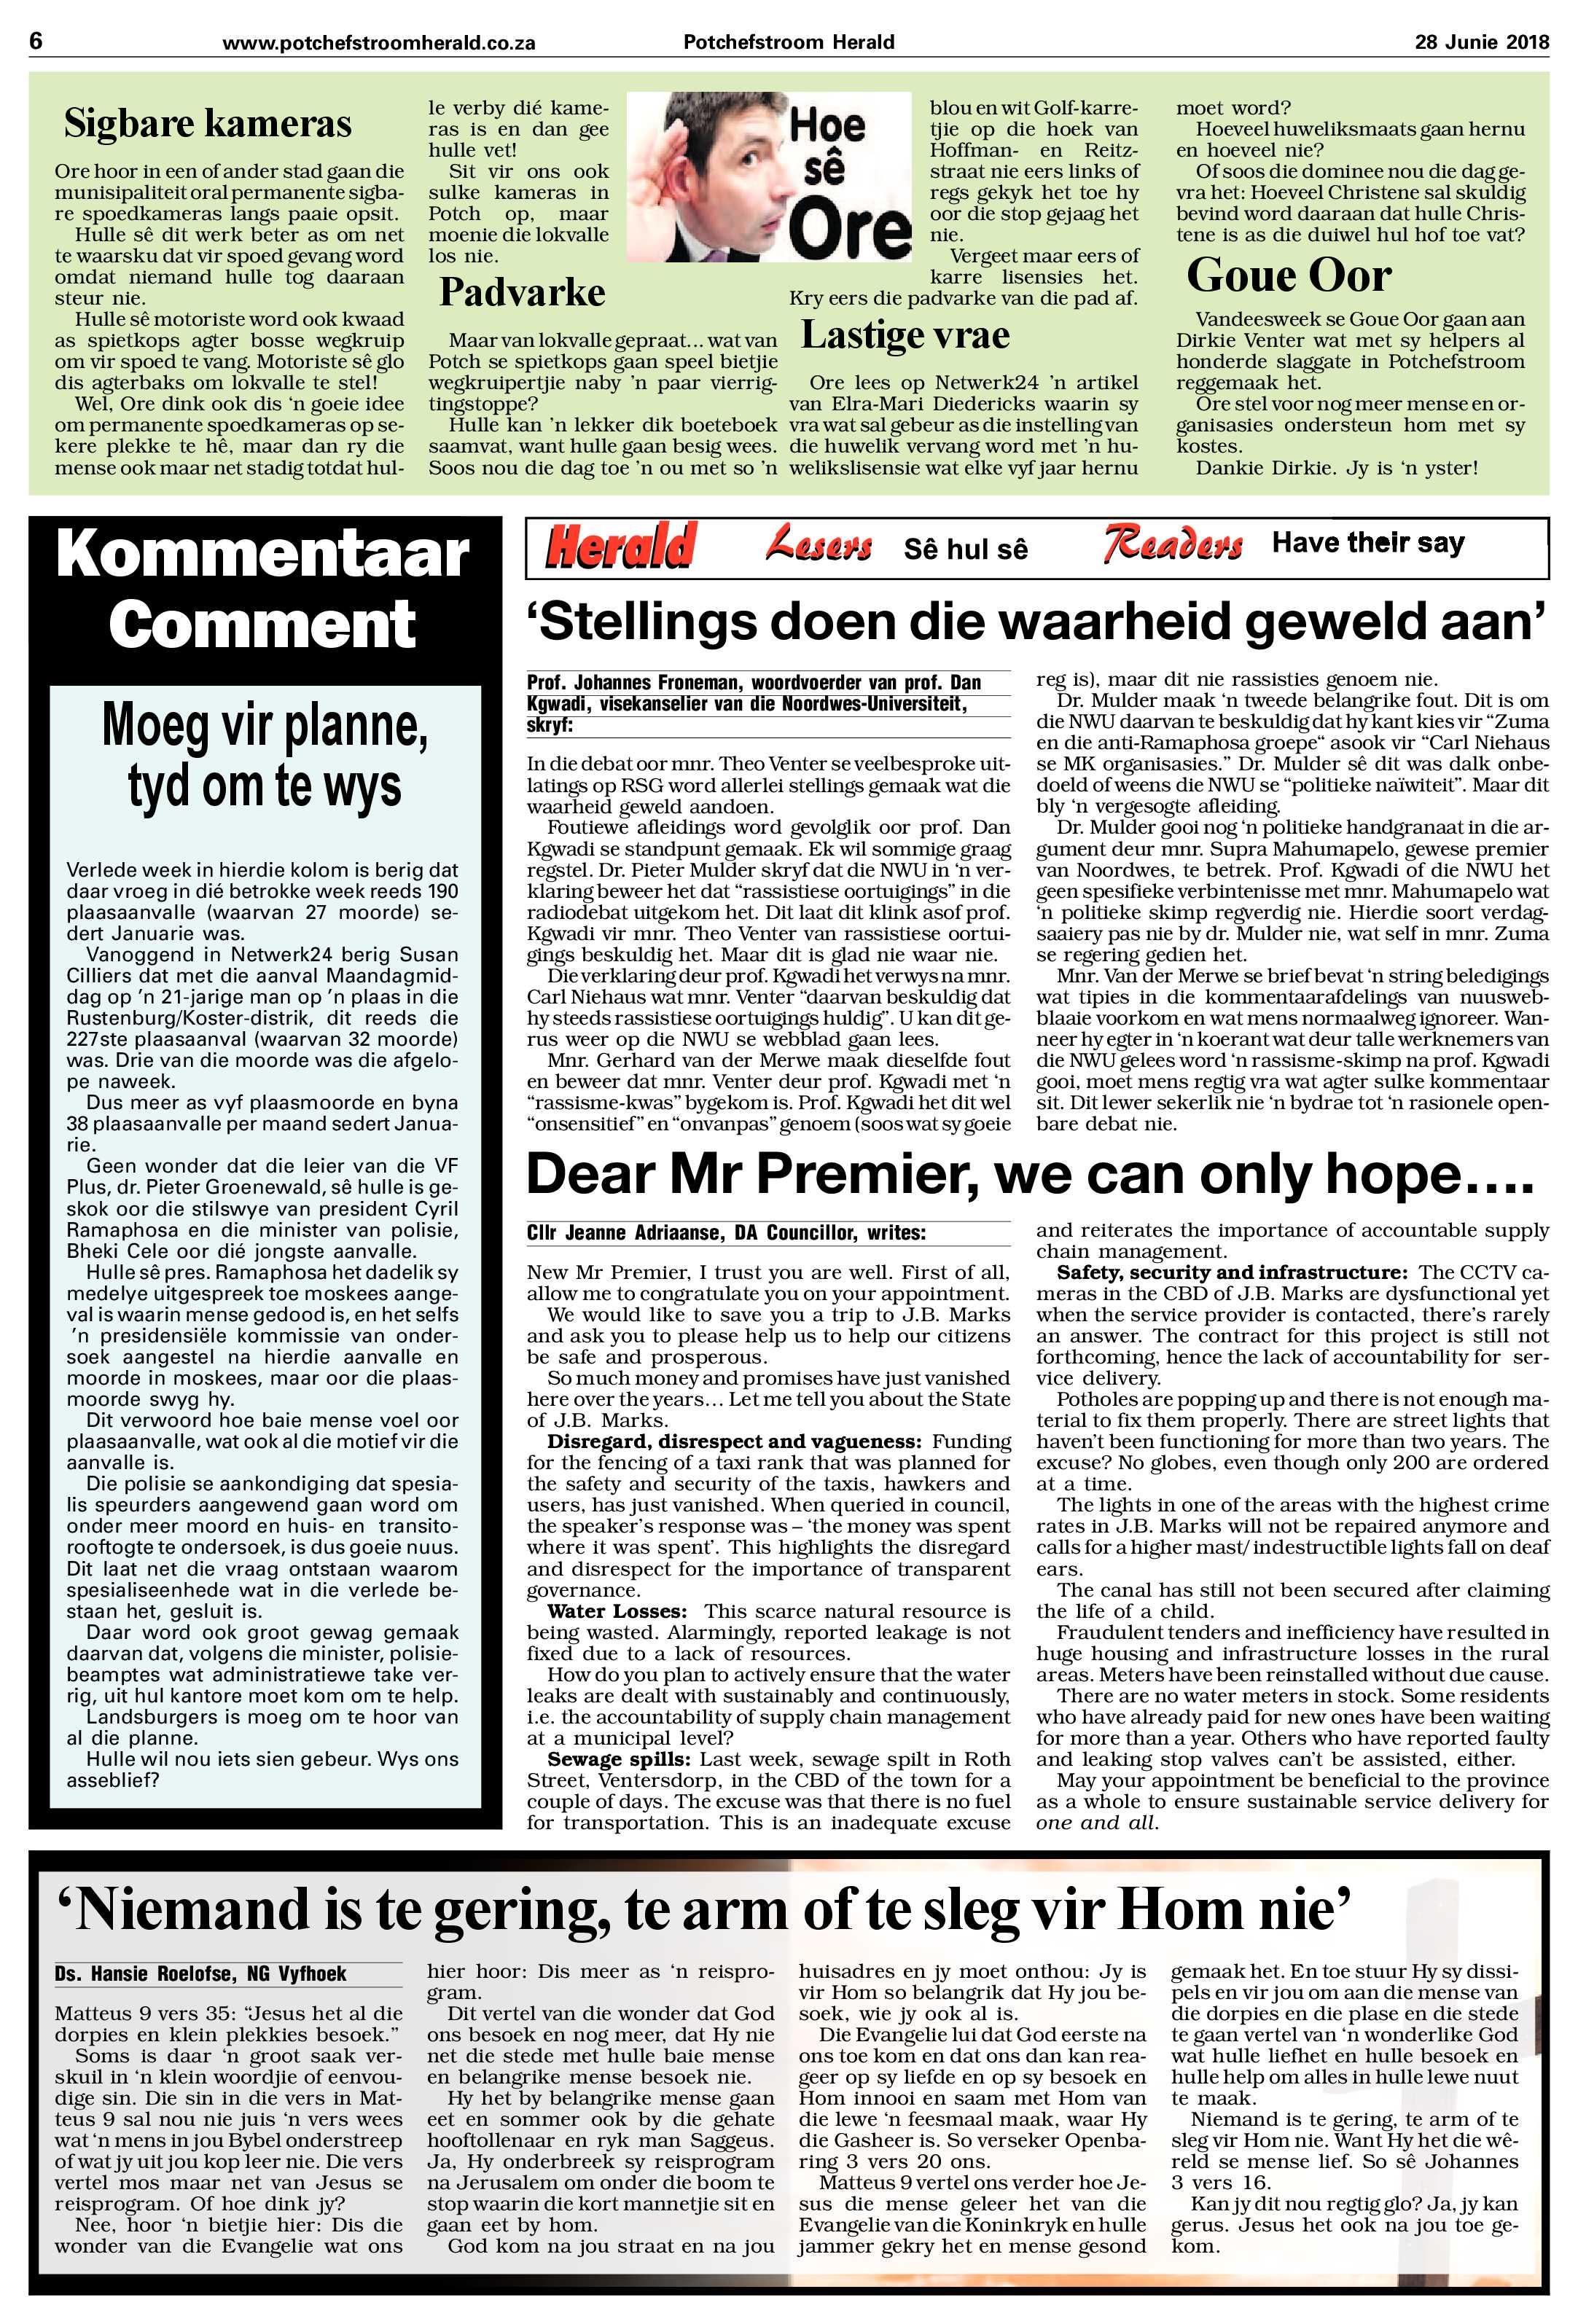 28-junie-2018-epapers-page-6